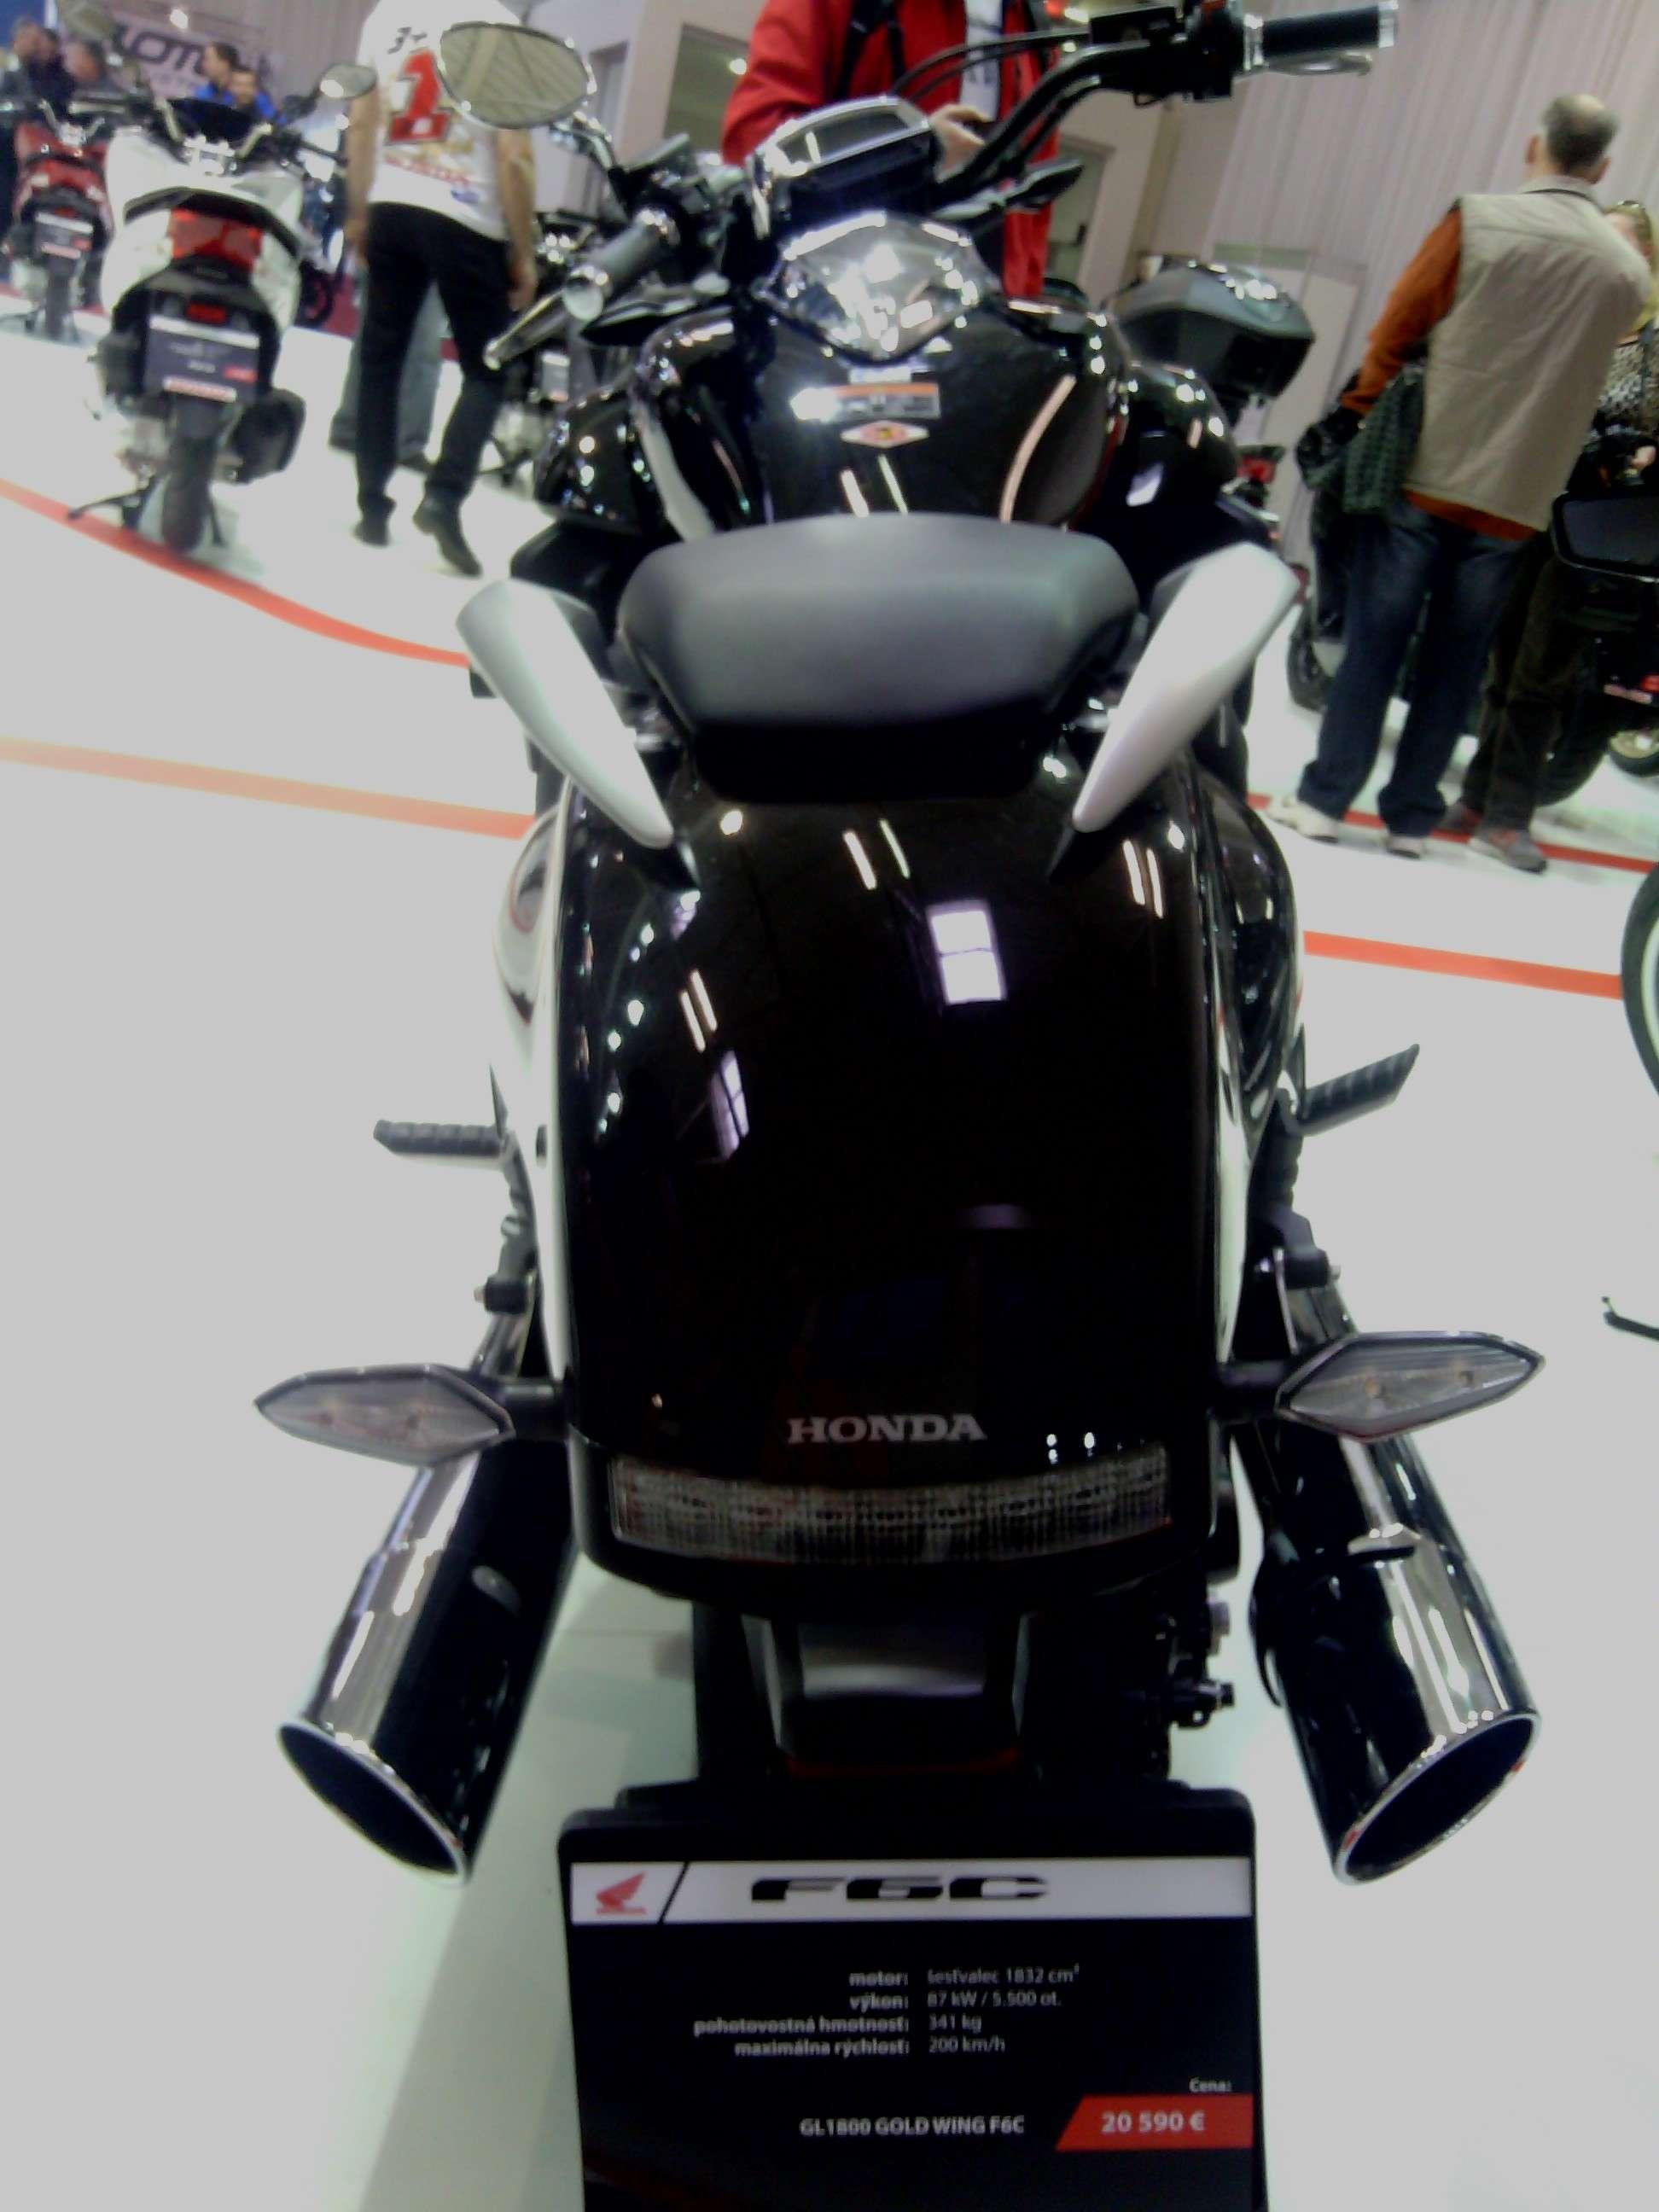 Έκθεση μοτοσυκλέτας 2015 στην Μπρατισλάβα - Σελίδα 2 Img_2040